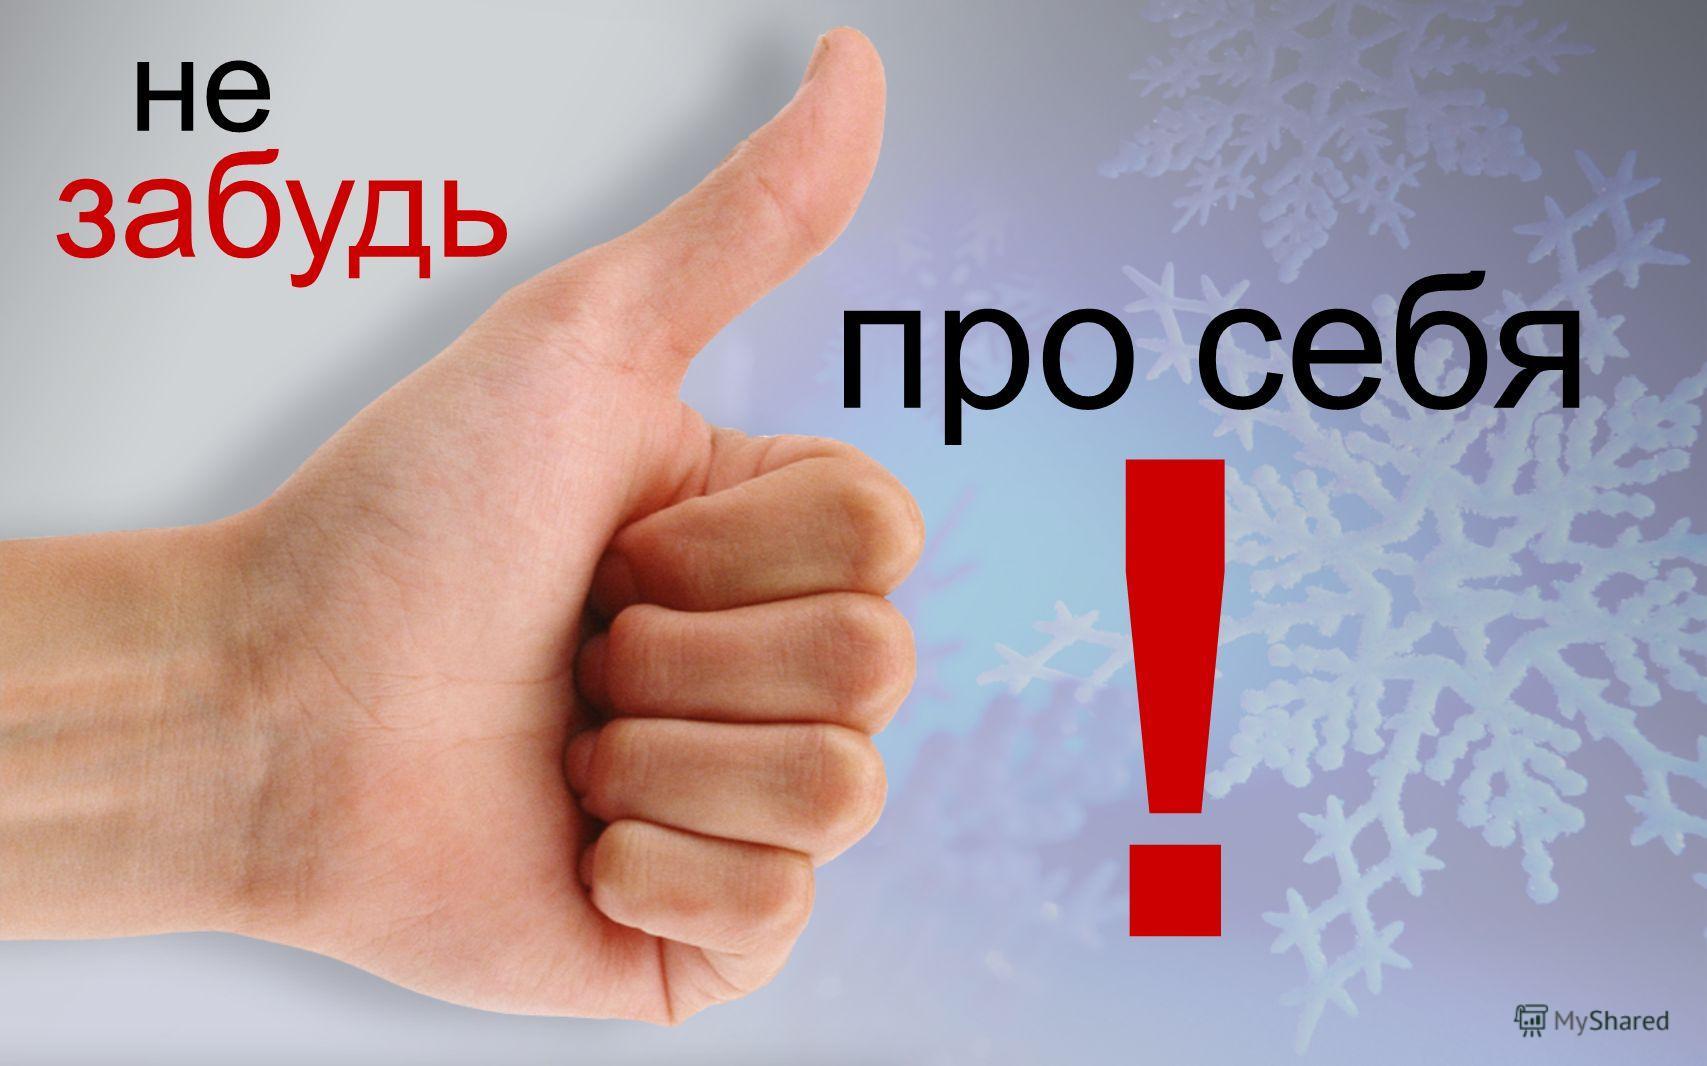 www.telesys.ru миниатюрные диктофоны в ПОДАРОЧНОМ в корпусах из дерева с индивидуальной гравировкой в коже с позолотой в подарочной исполнении упаковке Edic-mini Tiny A21 Edic-mini Tiny A404 Edic-mini Tiny B22